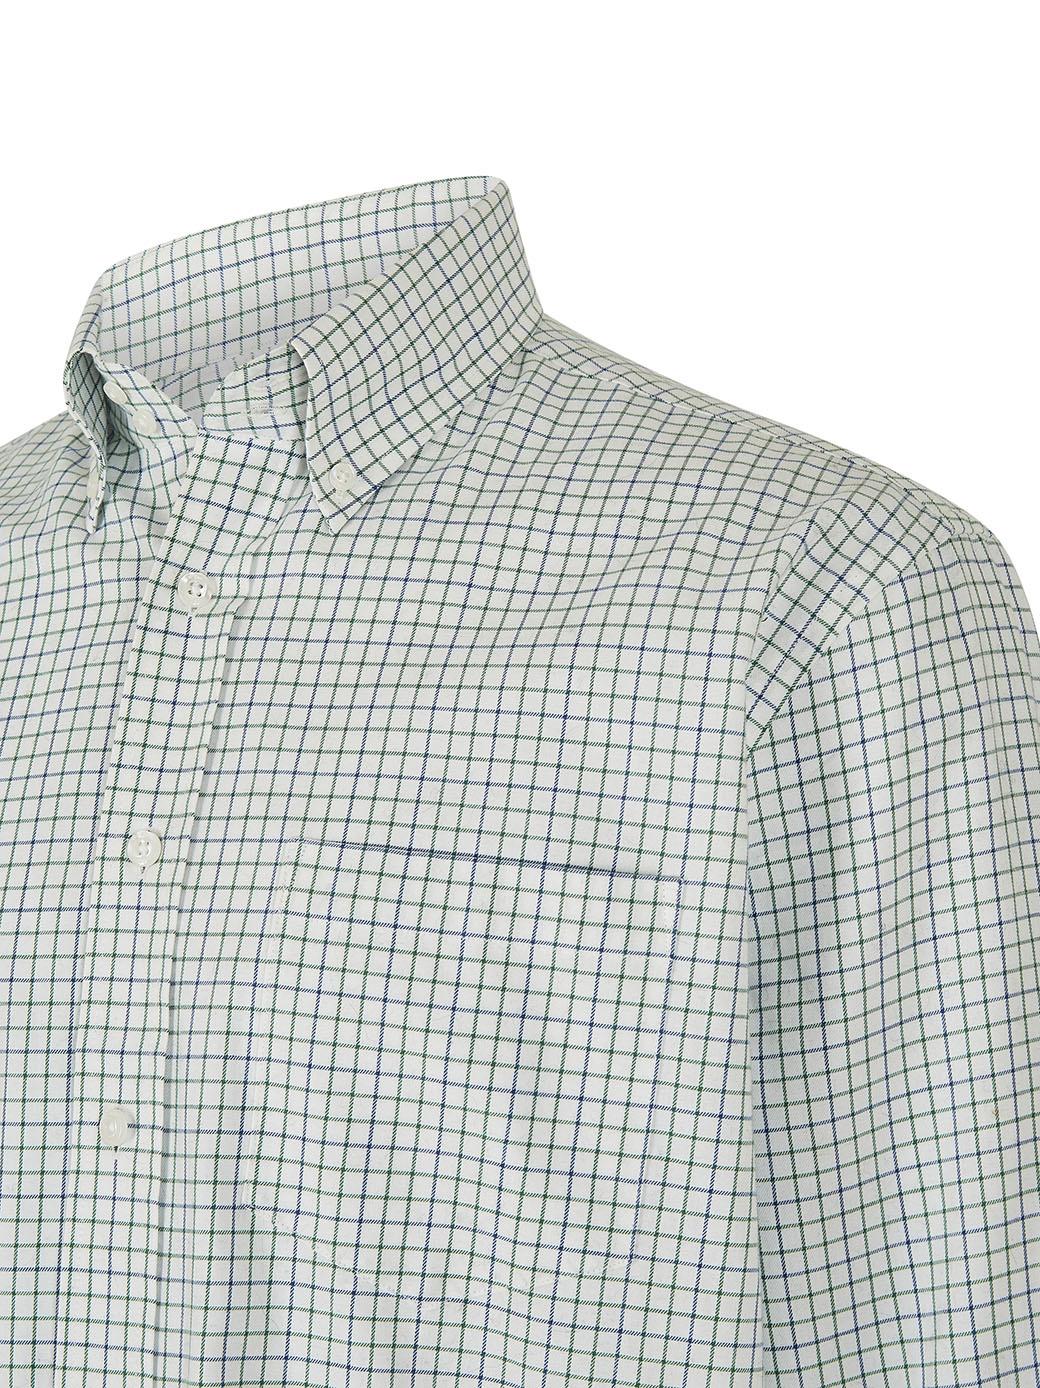 Dubarry Muckross Tattersall Shirt - Dusky Green-4